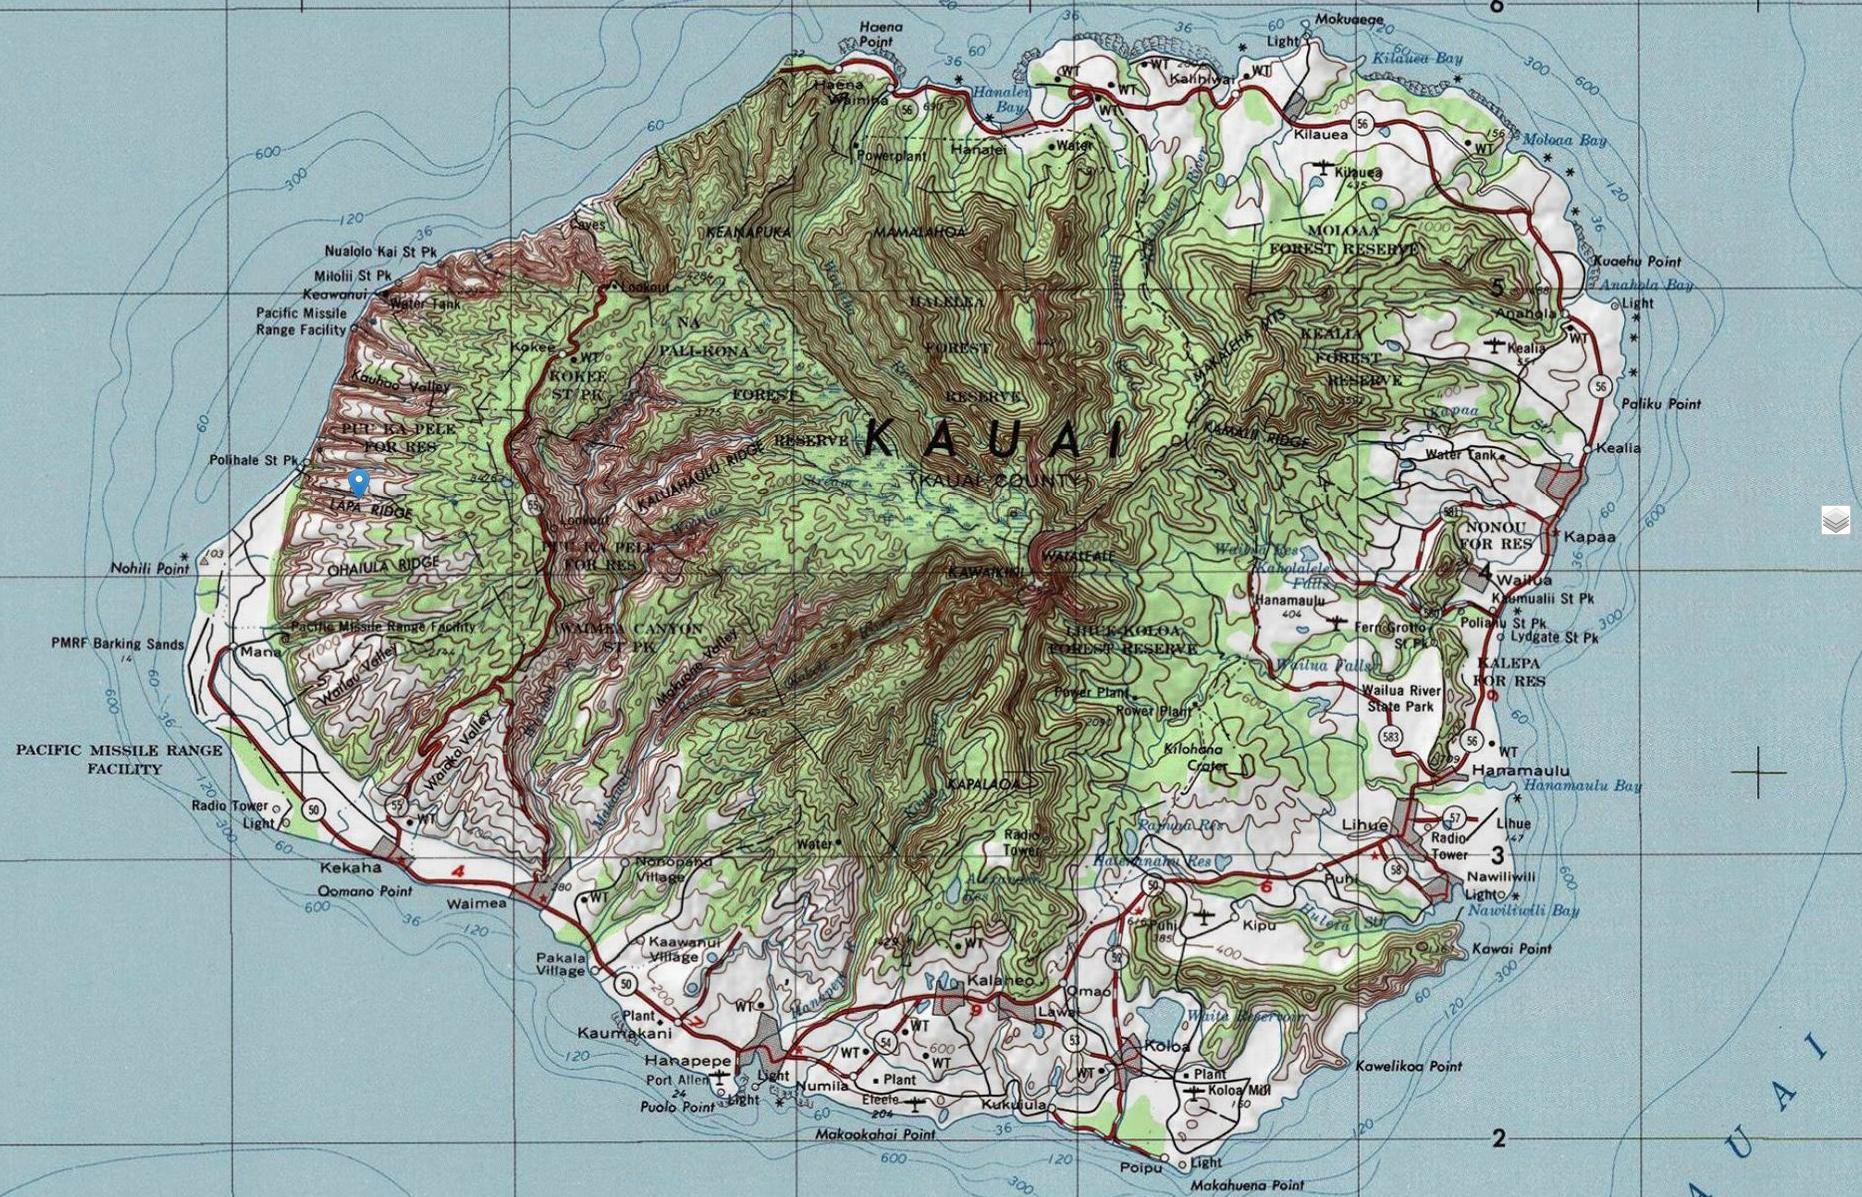 Kauai Topographic Maps - Printable Map Of Kauai